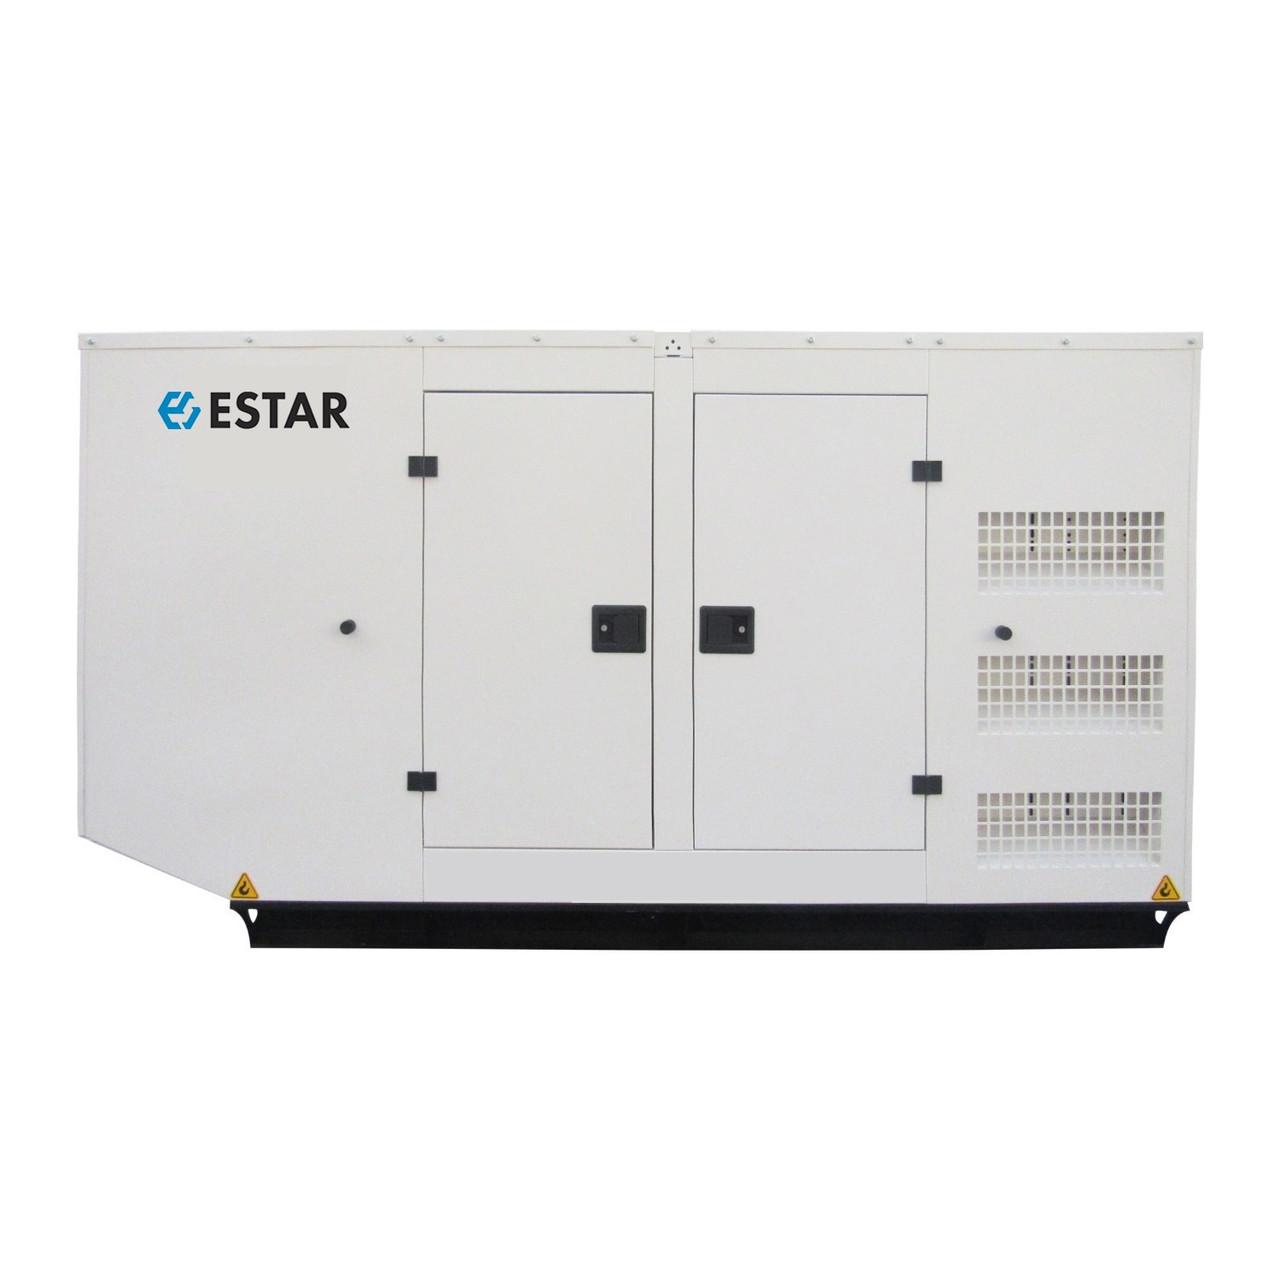 ⚡ESTAR ES155-RSA (122 кВт) + АВР (подогрев и автоматический запуск)